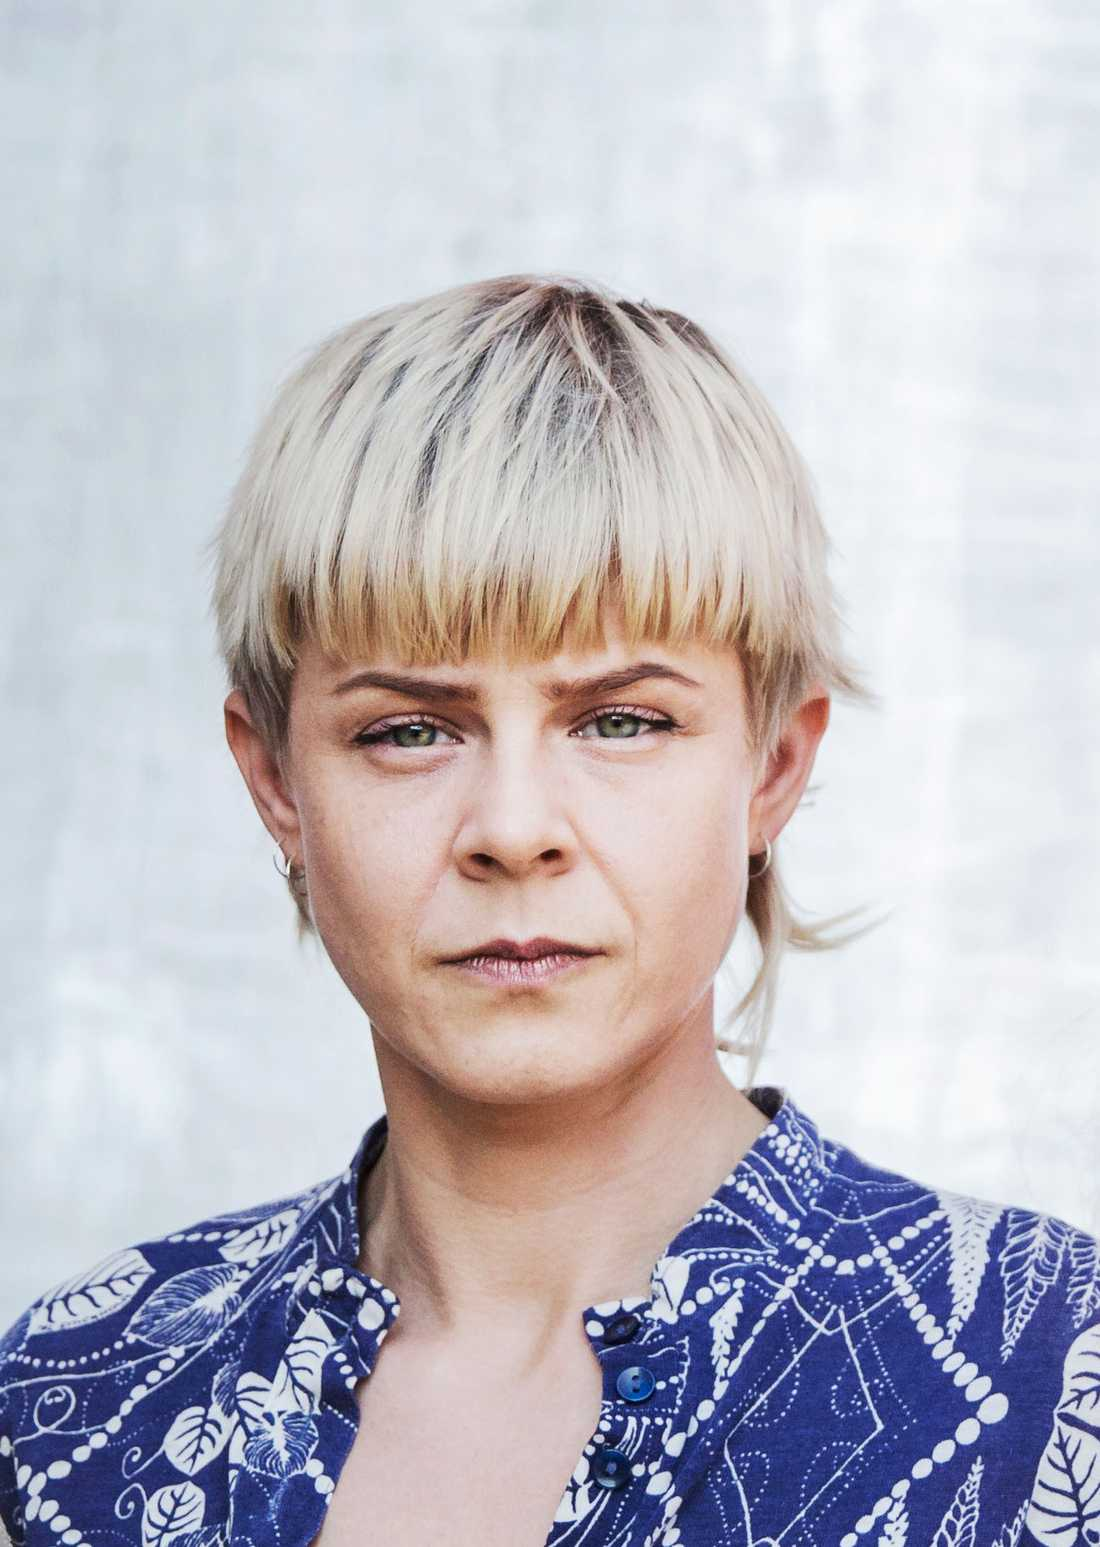 """Robyn. """"Jag känner igen henne. Eller är det en kille? Är det Robyn? Jaha hon hade väl en hitsingel. Hon ser sur ut"""". Foto: Ebba Olsson Wikdahl."""